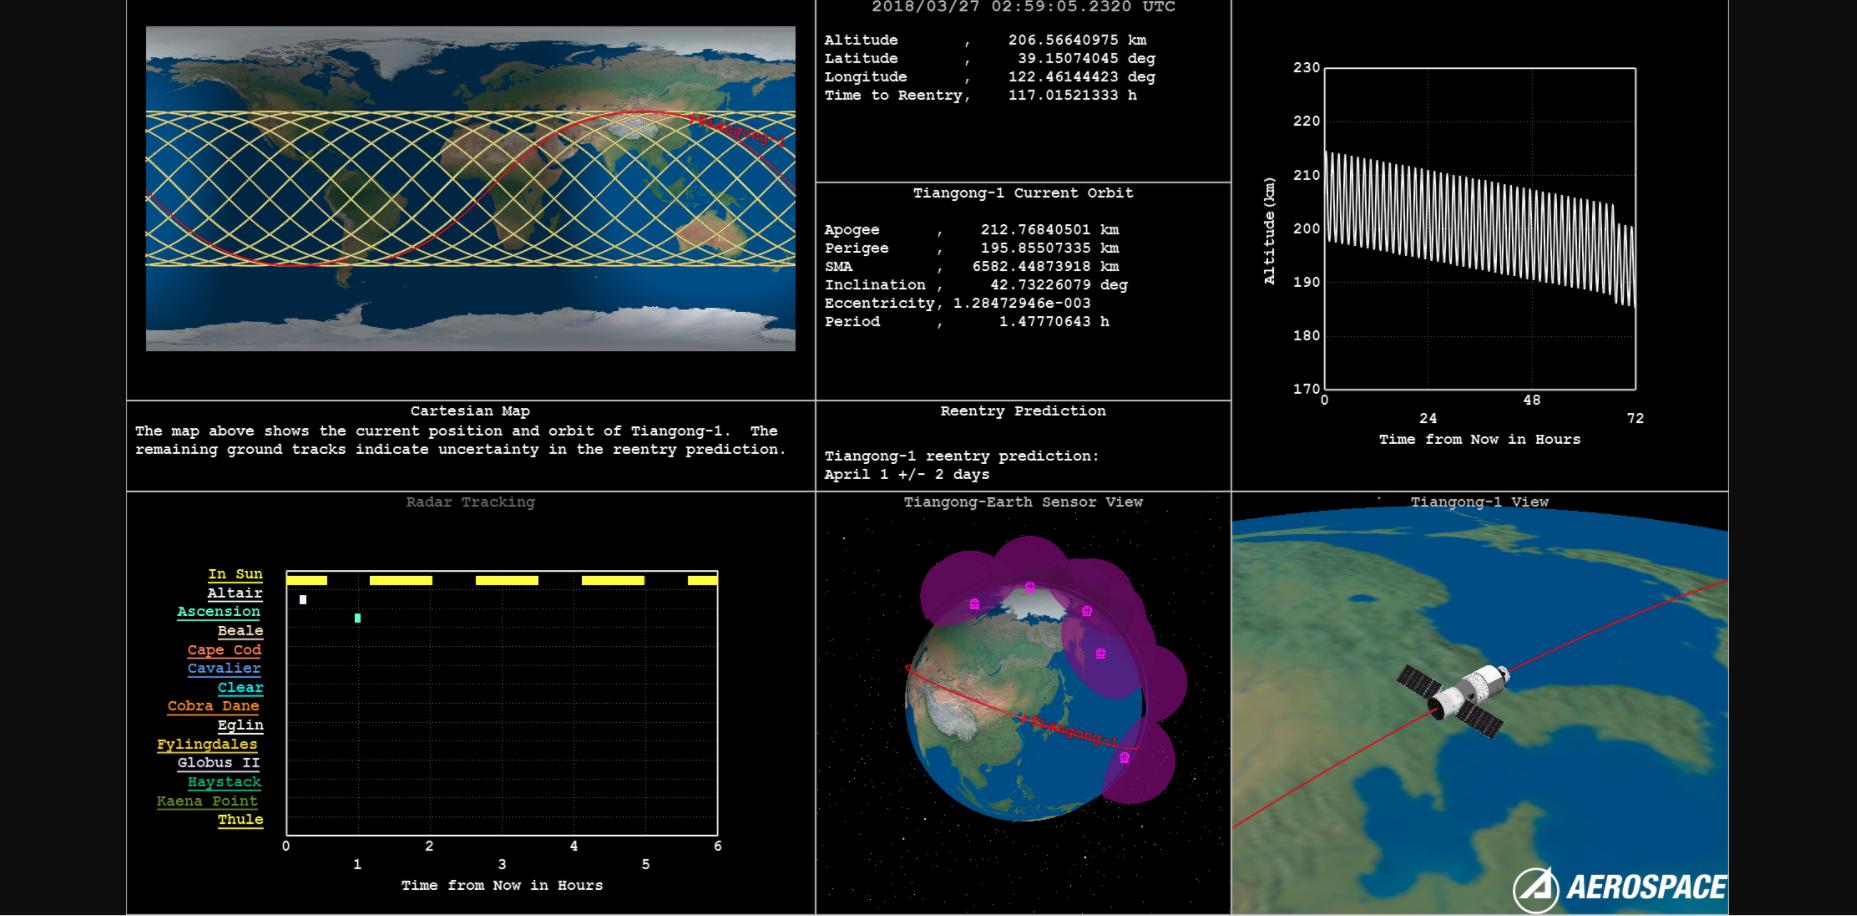 Tiangong-1's reentry dashboard.